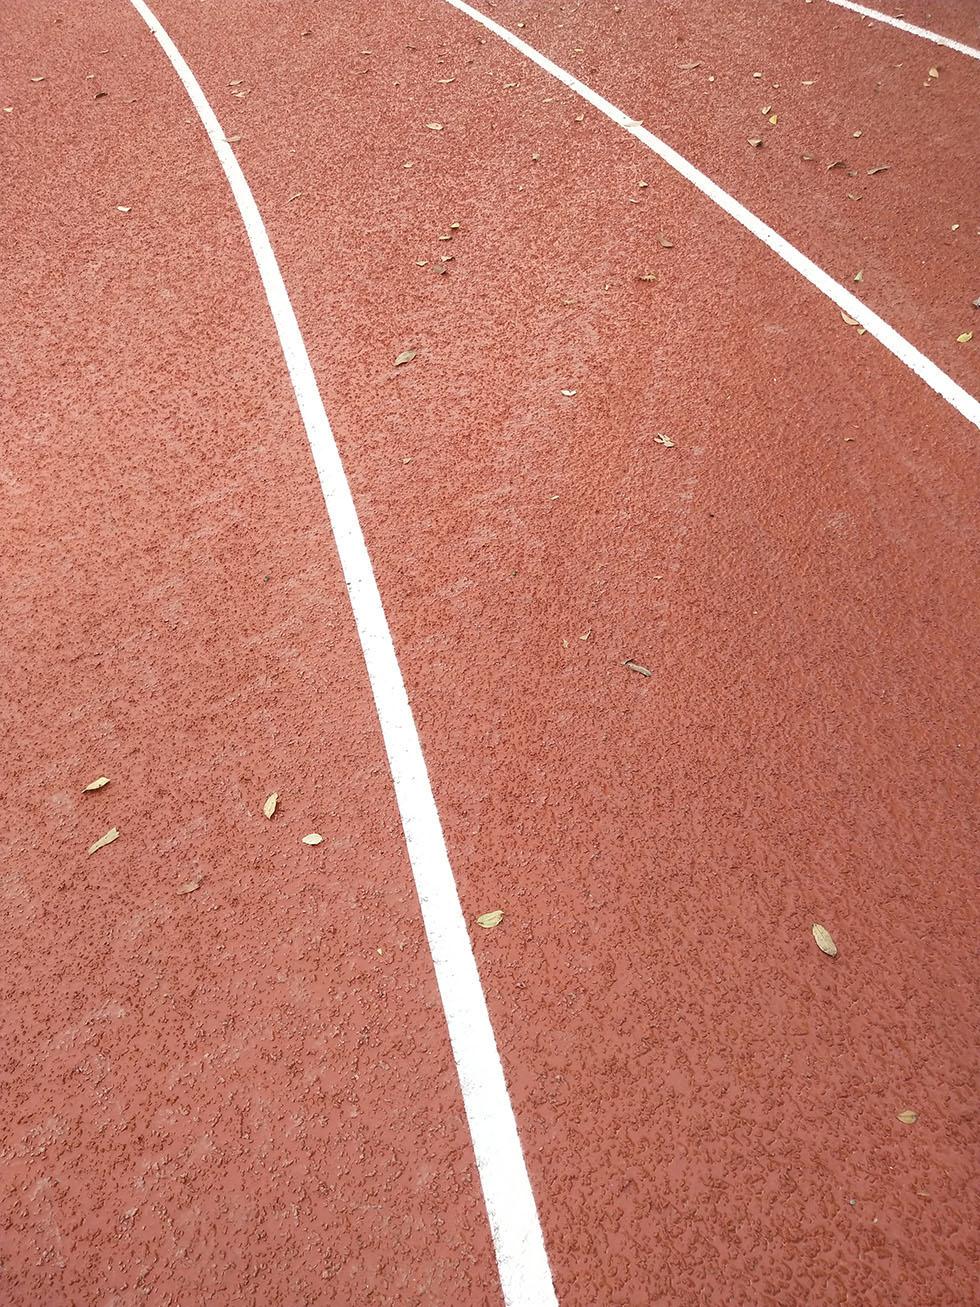 沥青混凝土,沥青混凝土密度,水泥混凝土